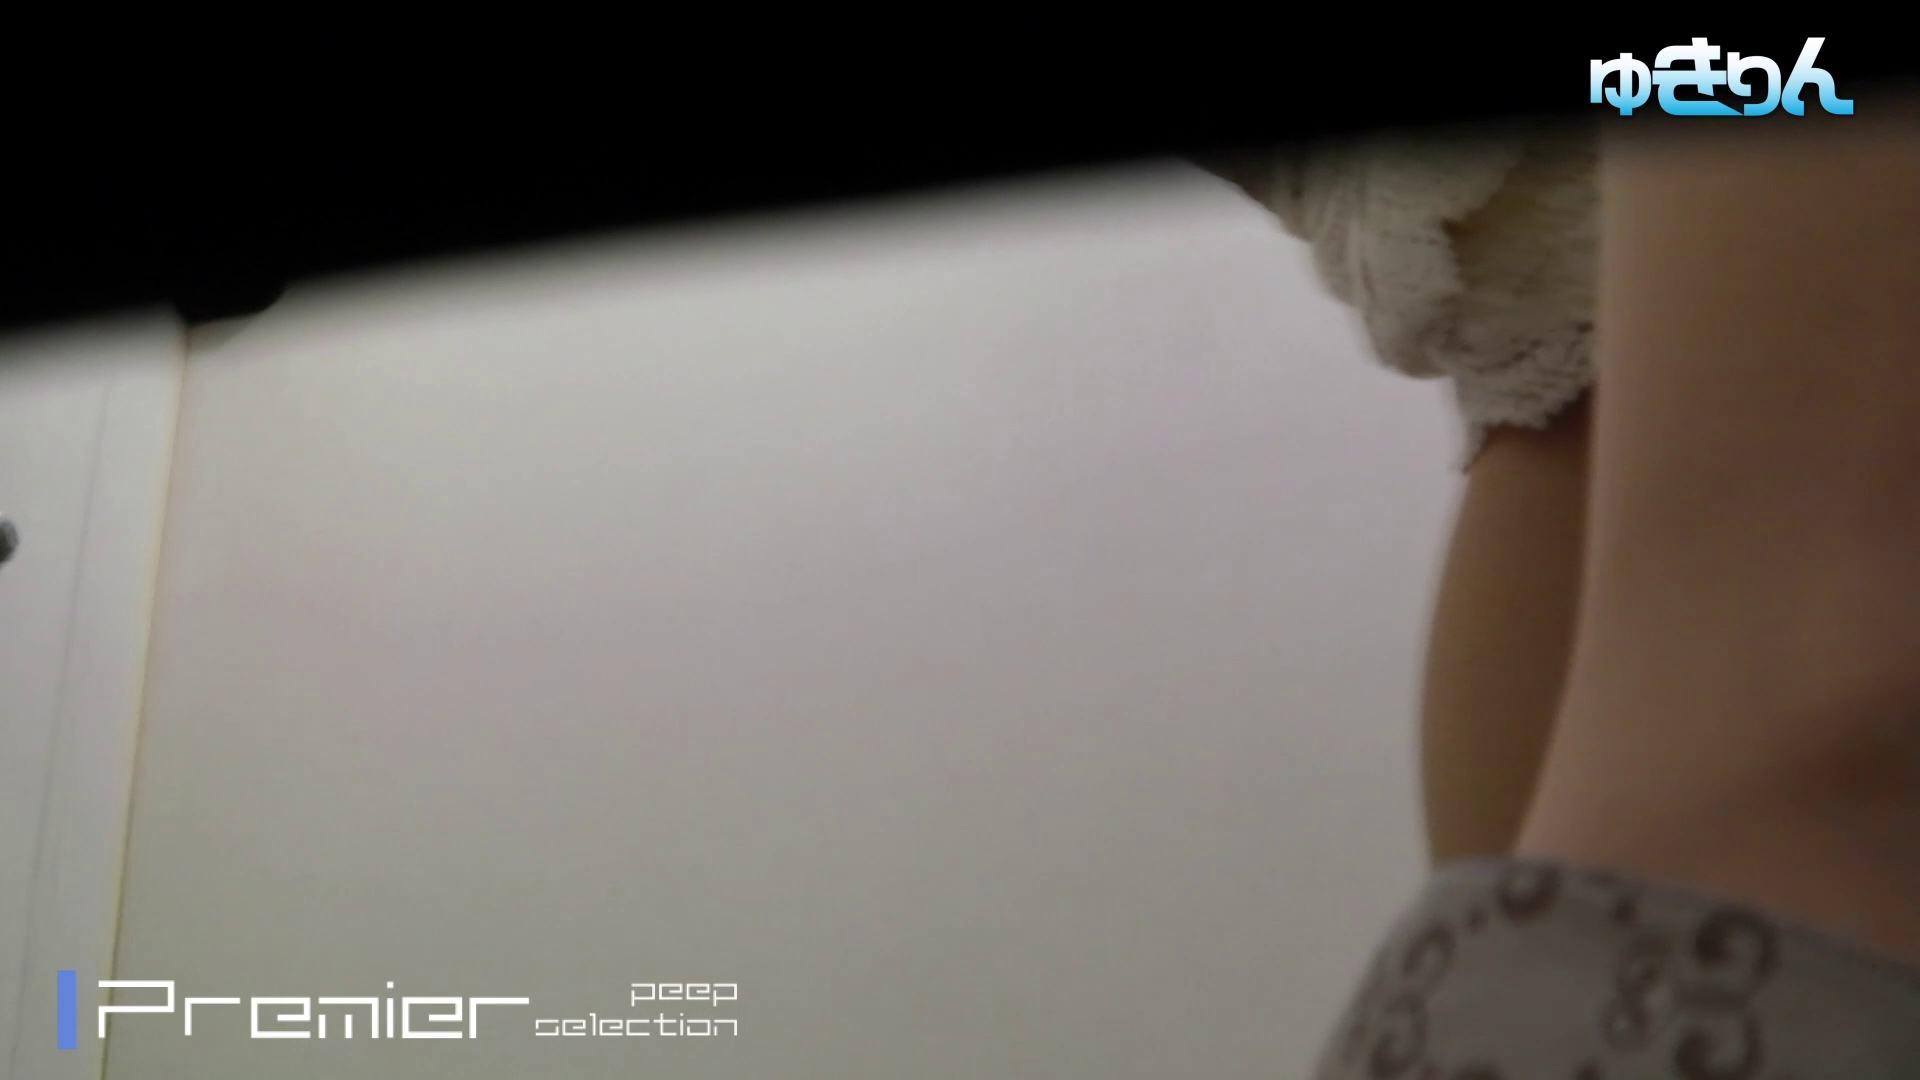 新世界の射窓 No100 祝 記念版!異次元な明るさと技術 無料動画 洗面所 | 0  73PIX 65